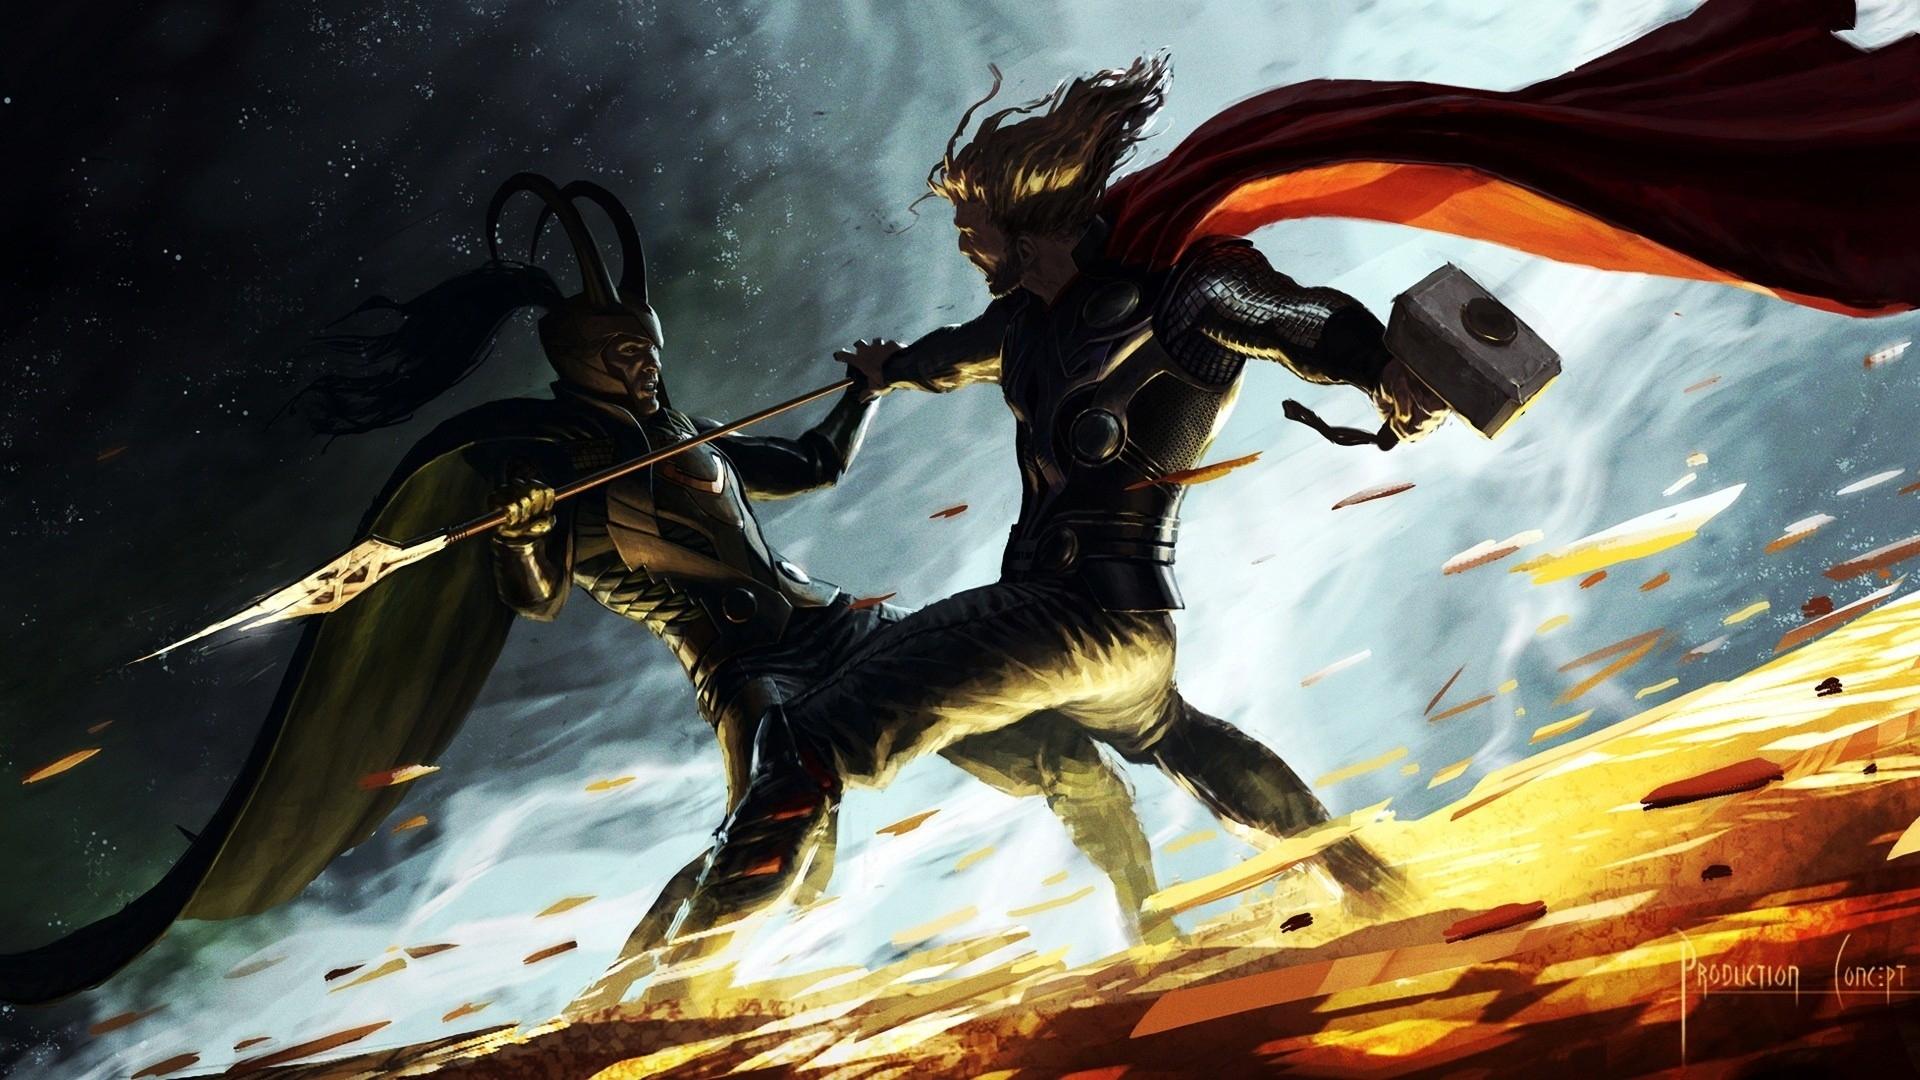 thor, hammer, artwork, marvel comics, spears, loki, gods, norse